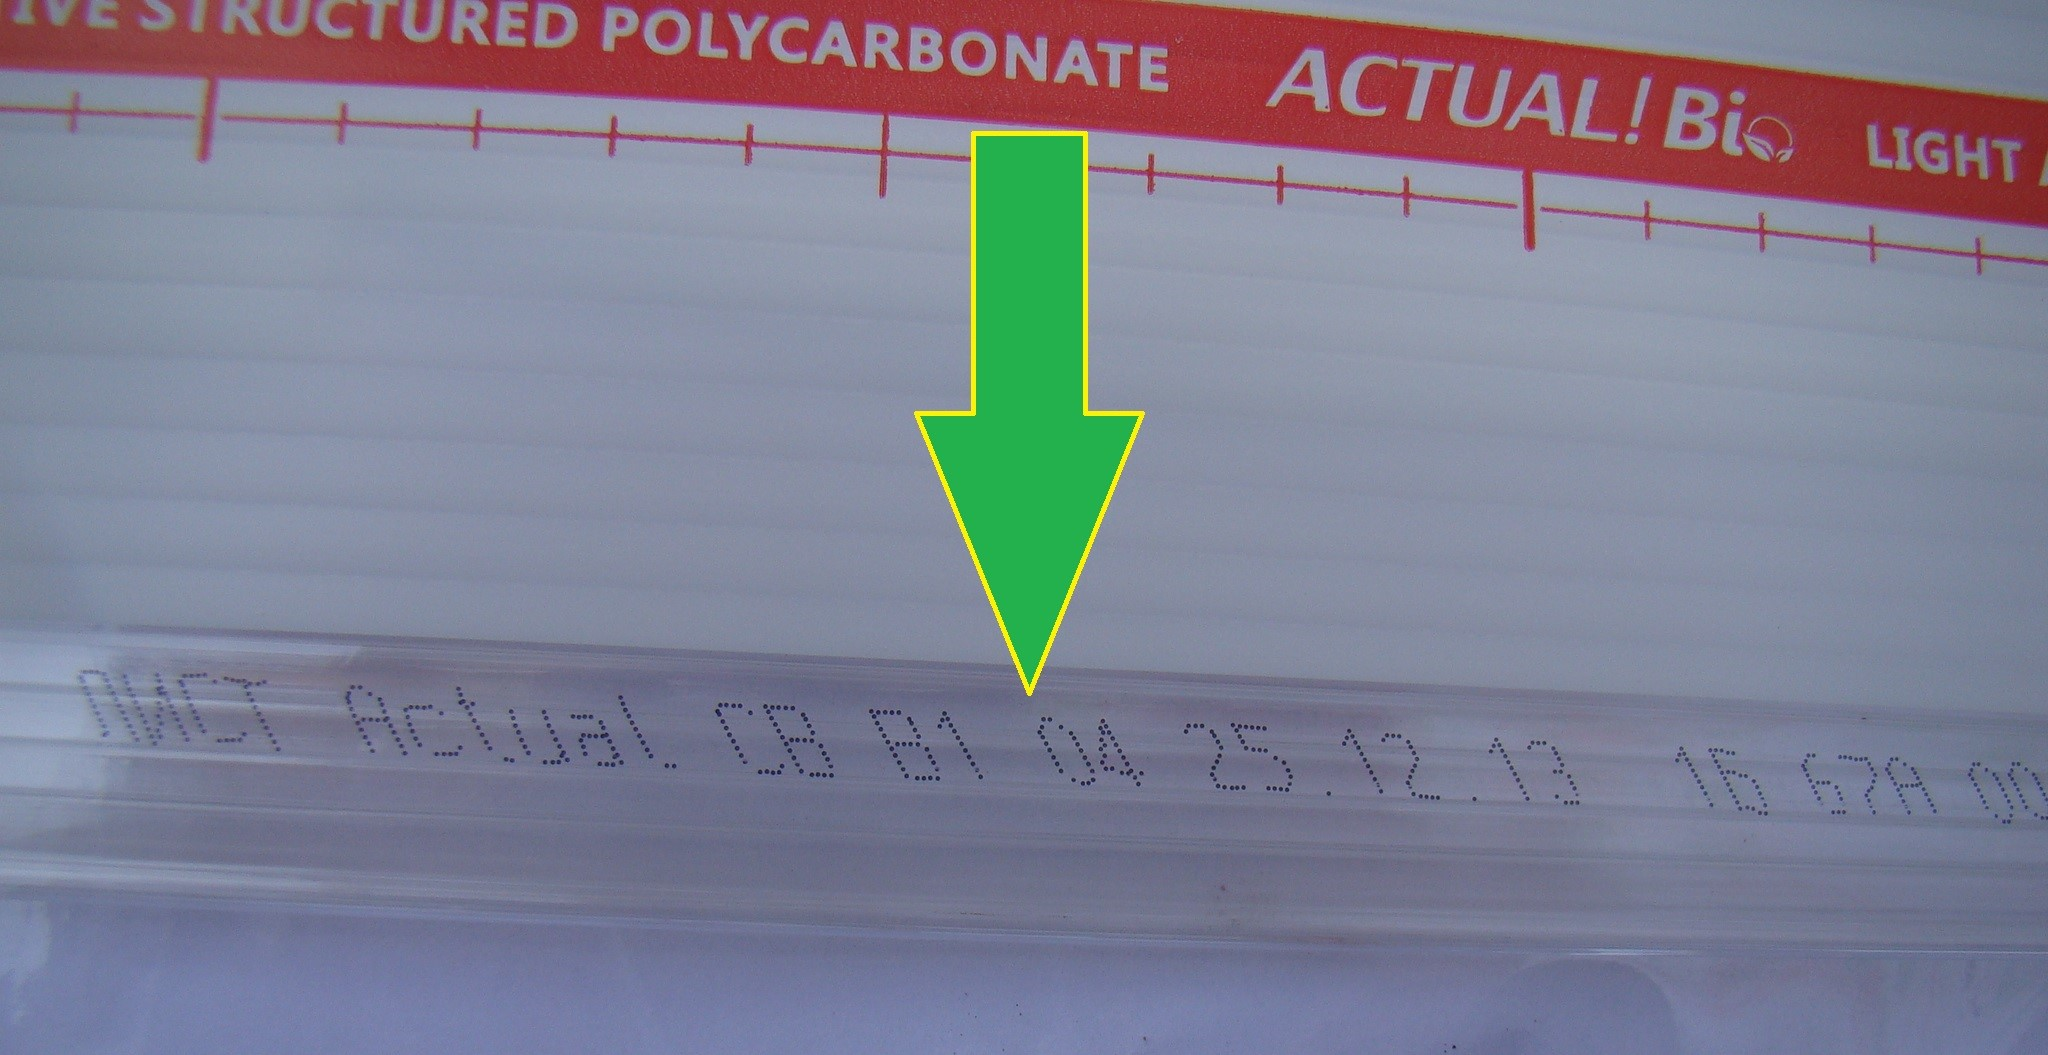 Кроме того, на боковой стороне только качественных сотовых поликарбонатов имеется термическая (лазерная) маркировка-насечка (микротекст) с указанием марки поликарбоната, даты изготовления и наличия защитного слоя